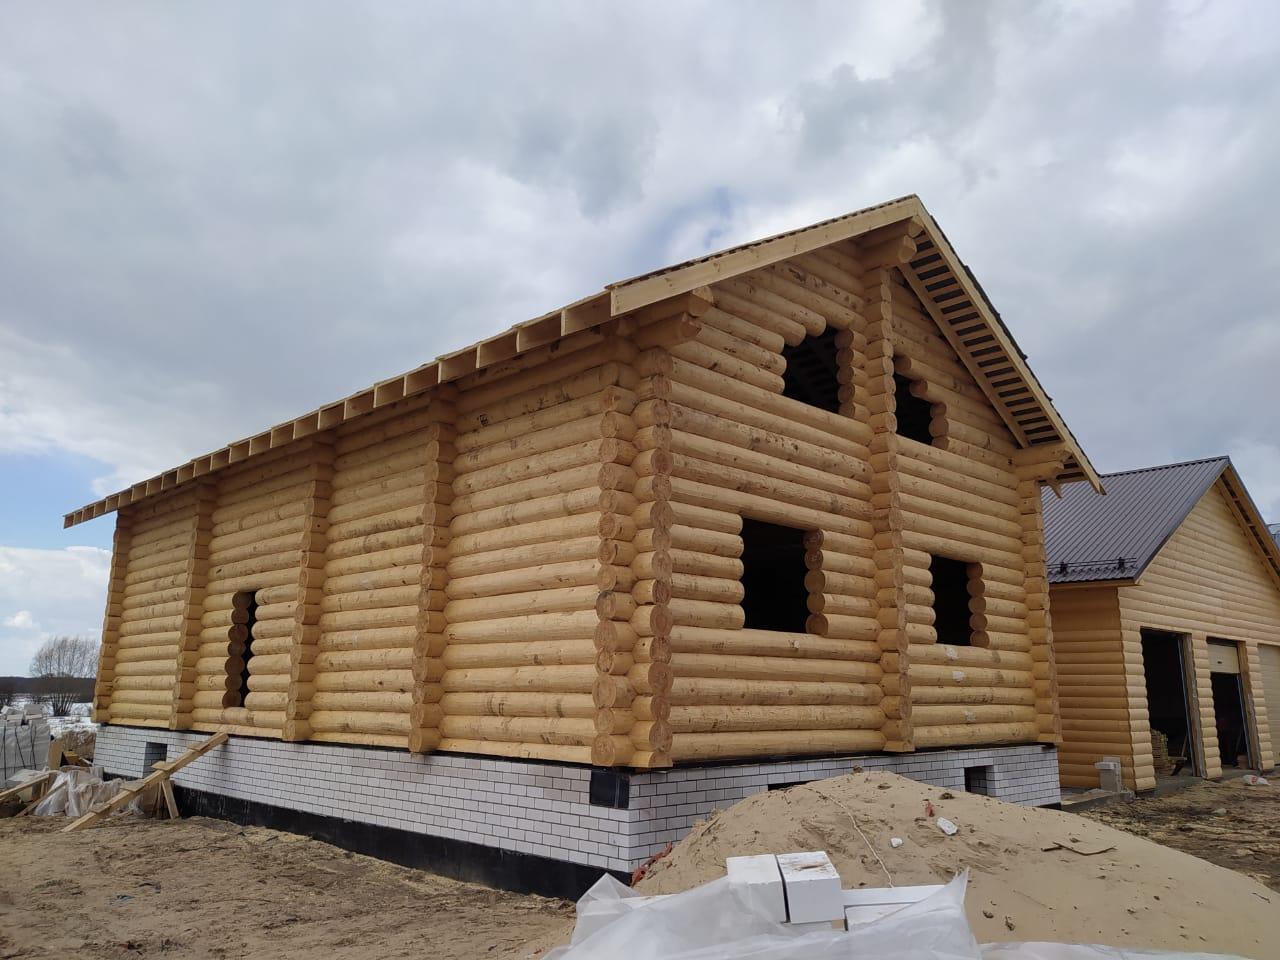 Фото: Двухэтажный дом из сруба ручной рубки в Нижегородской области